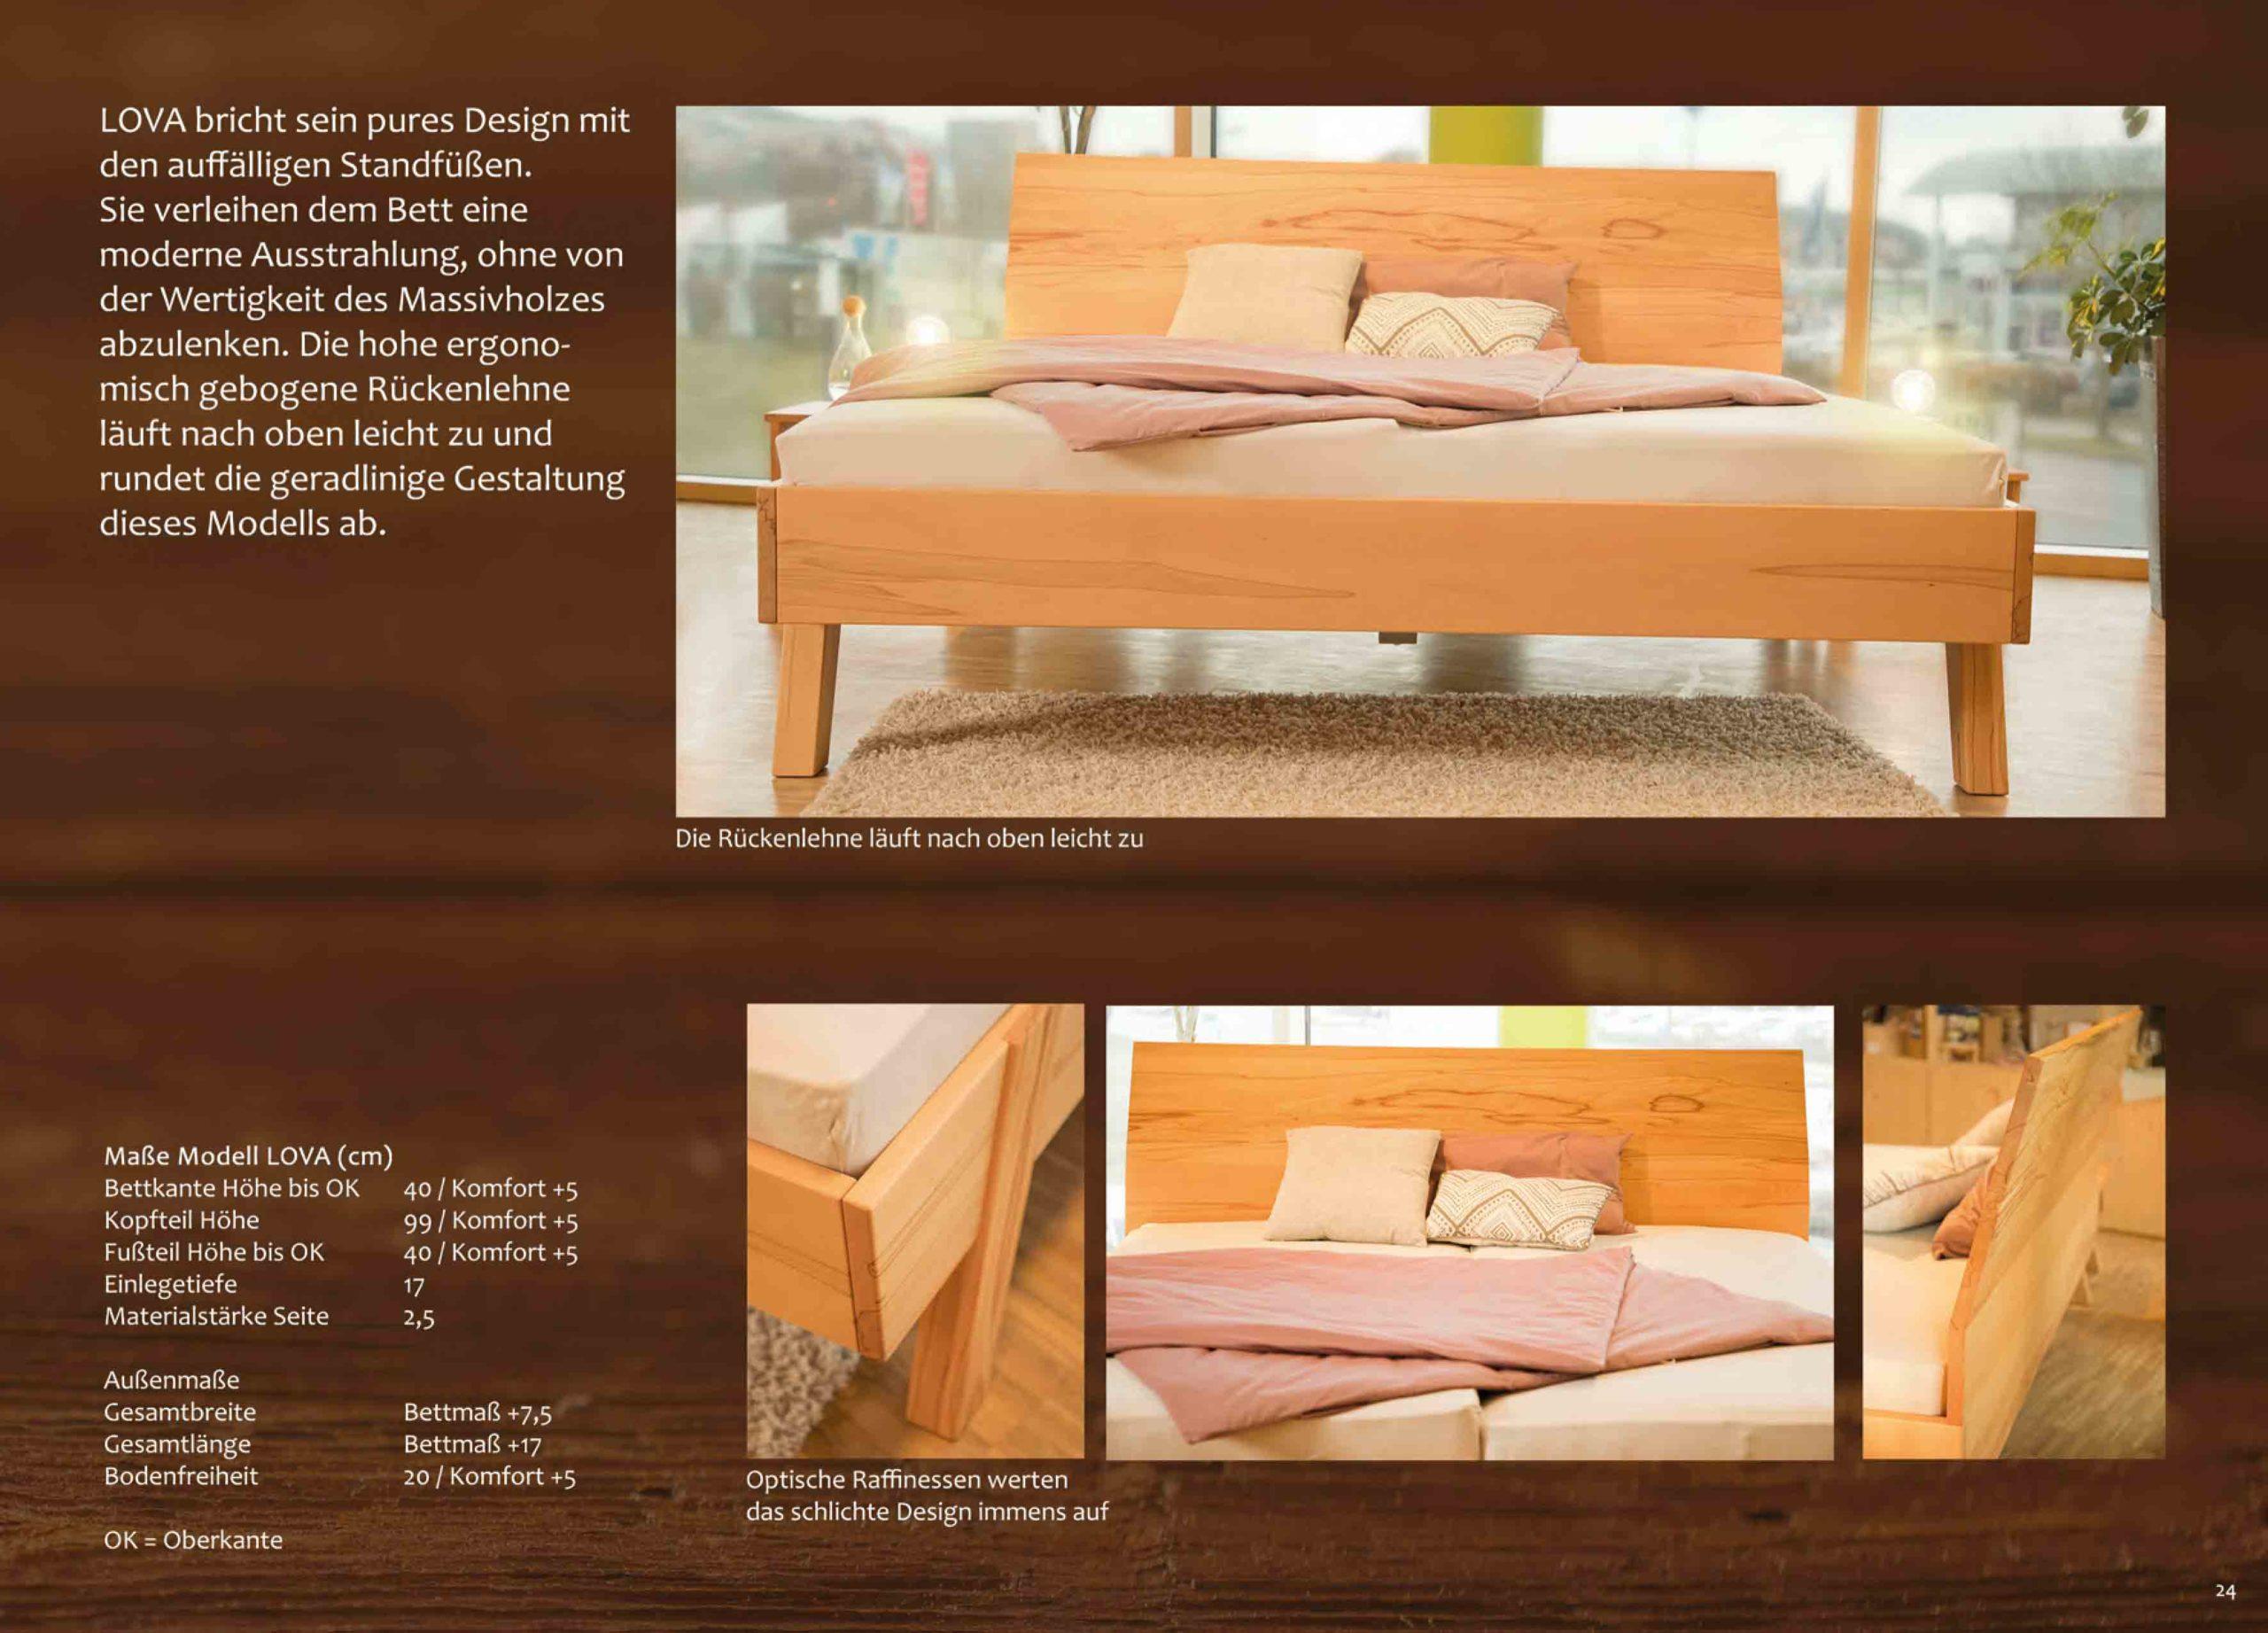 Modell Lova, modernes Massivholzbett